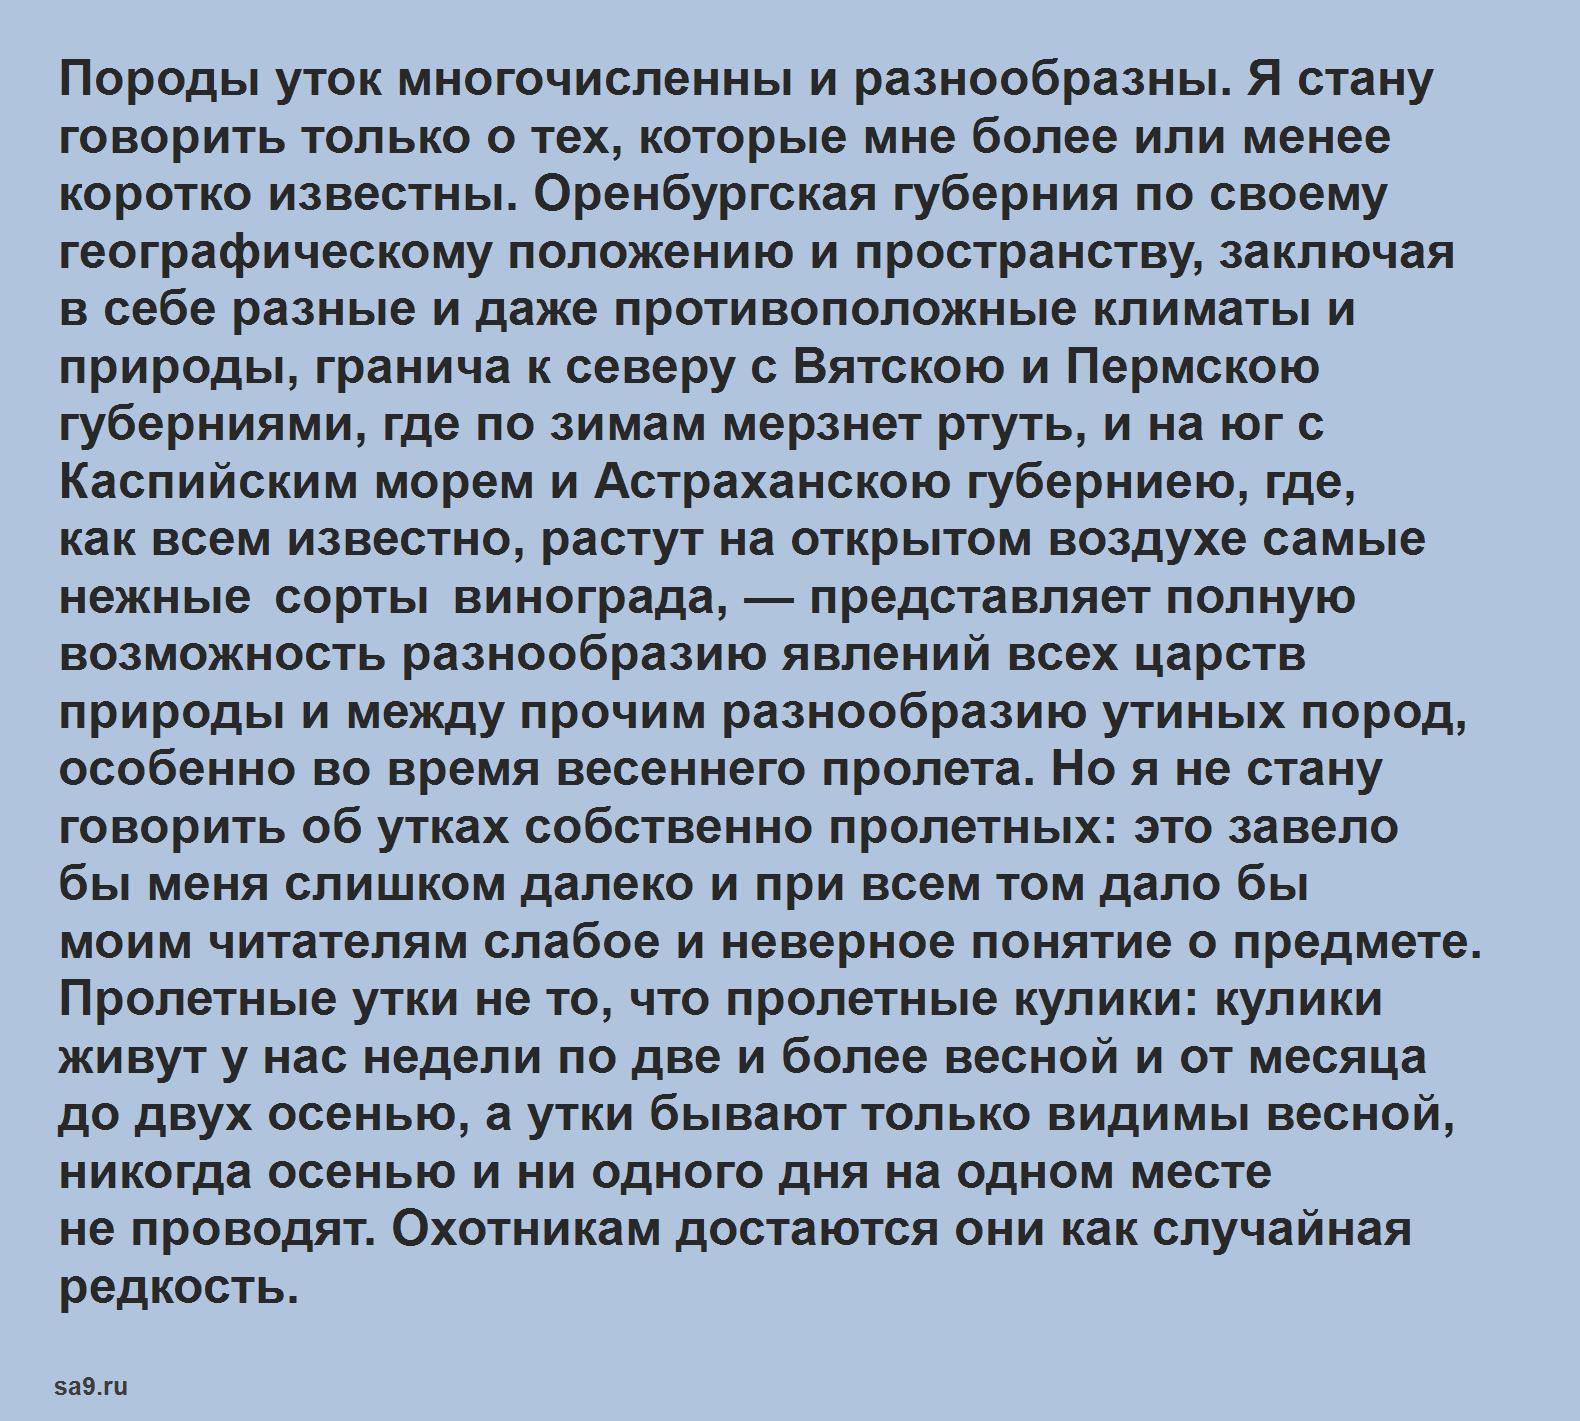 Утки – рассказ Аксакова, онлайн бесплатно